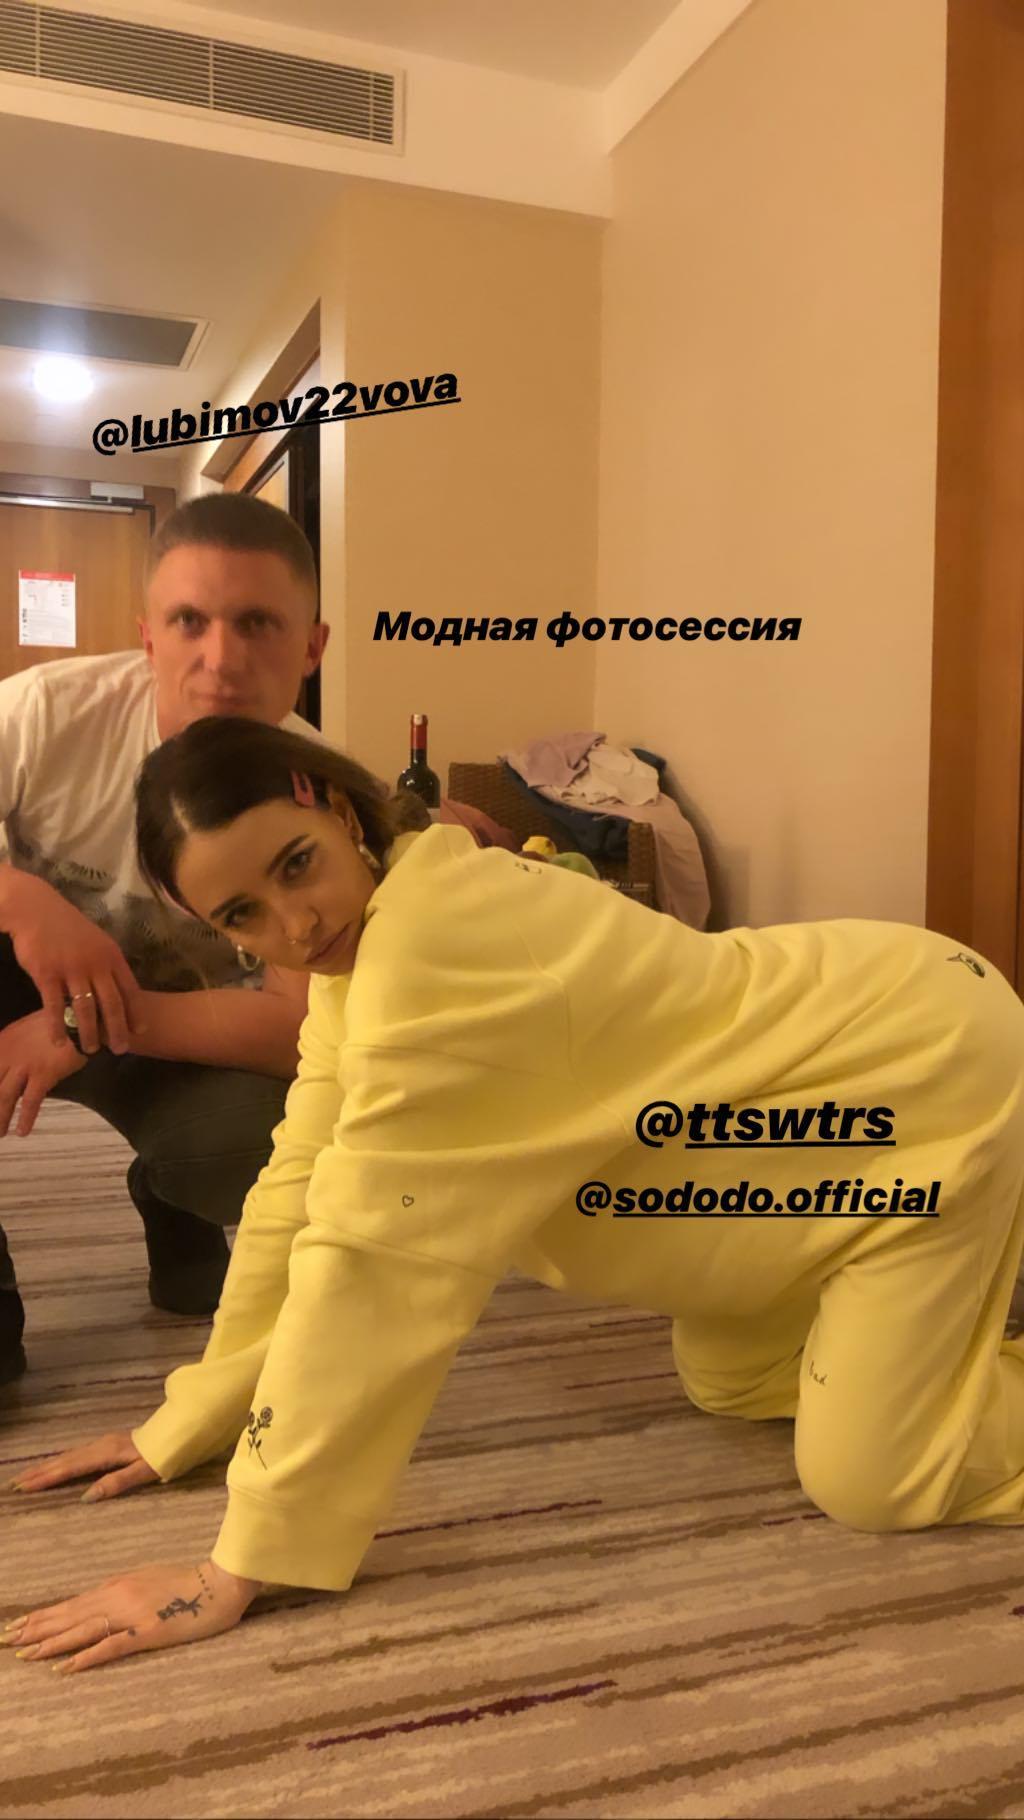 Надя Дорофеева удивила забавной фотосессией с неизвестным мужчиной (фото)